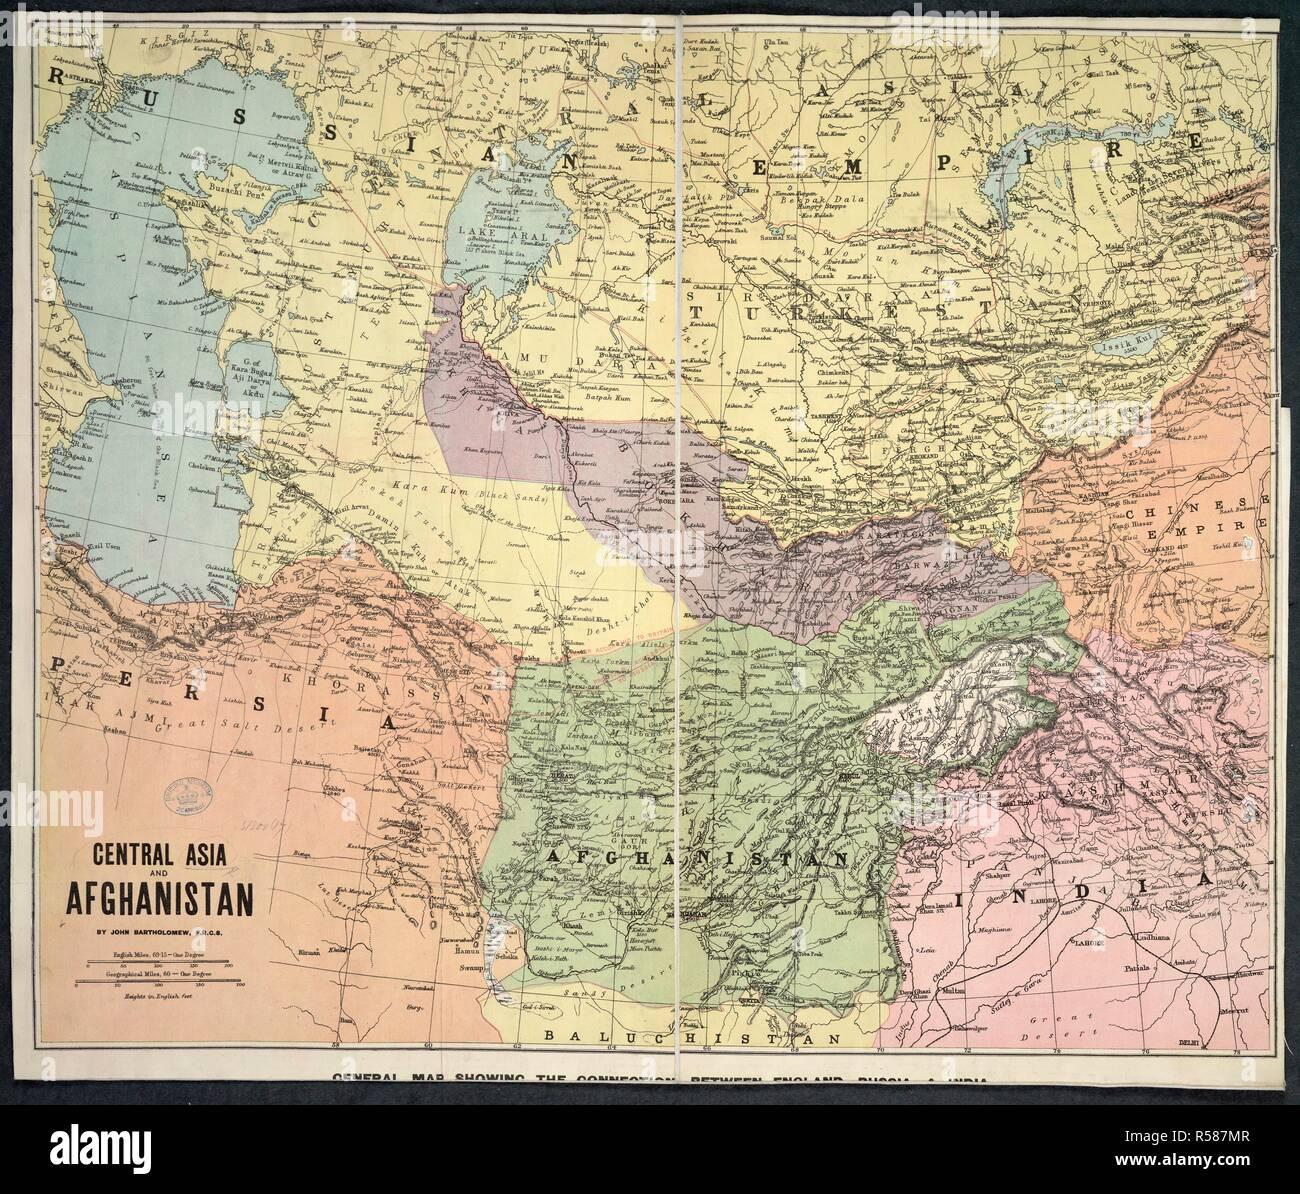 Inset Mumbai Bombay Chennai Madras Showing Native States 1909 Map Humorous West India